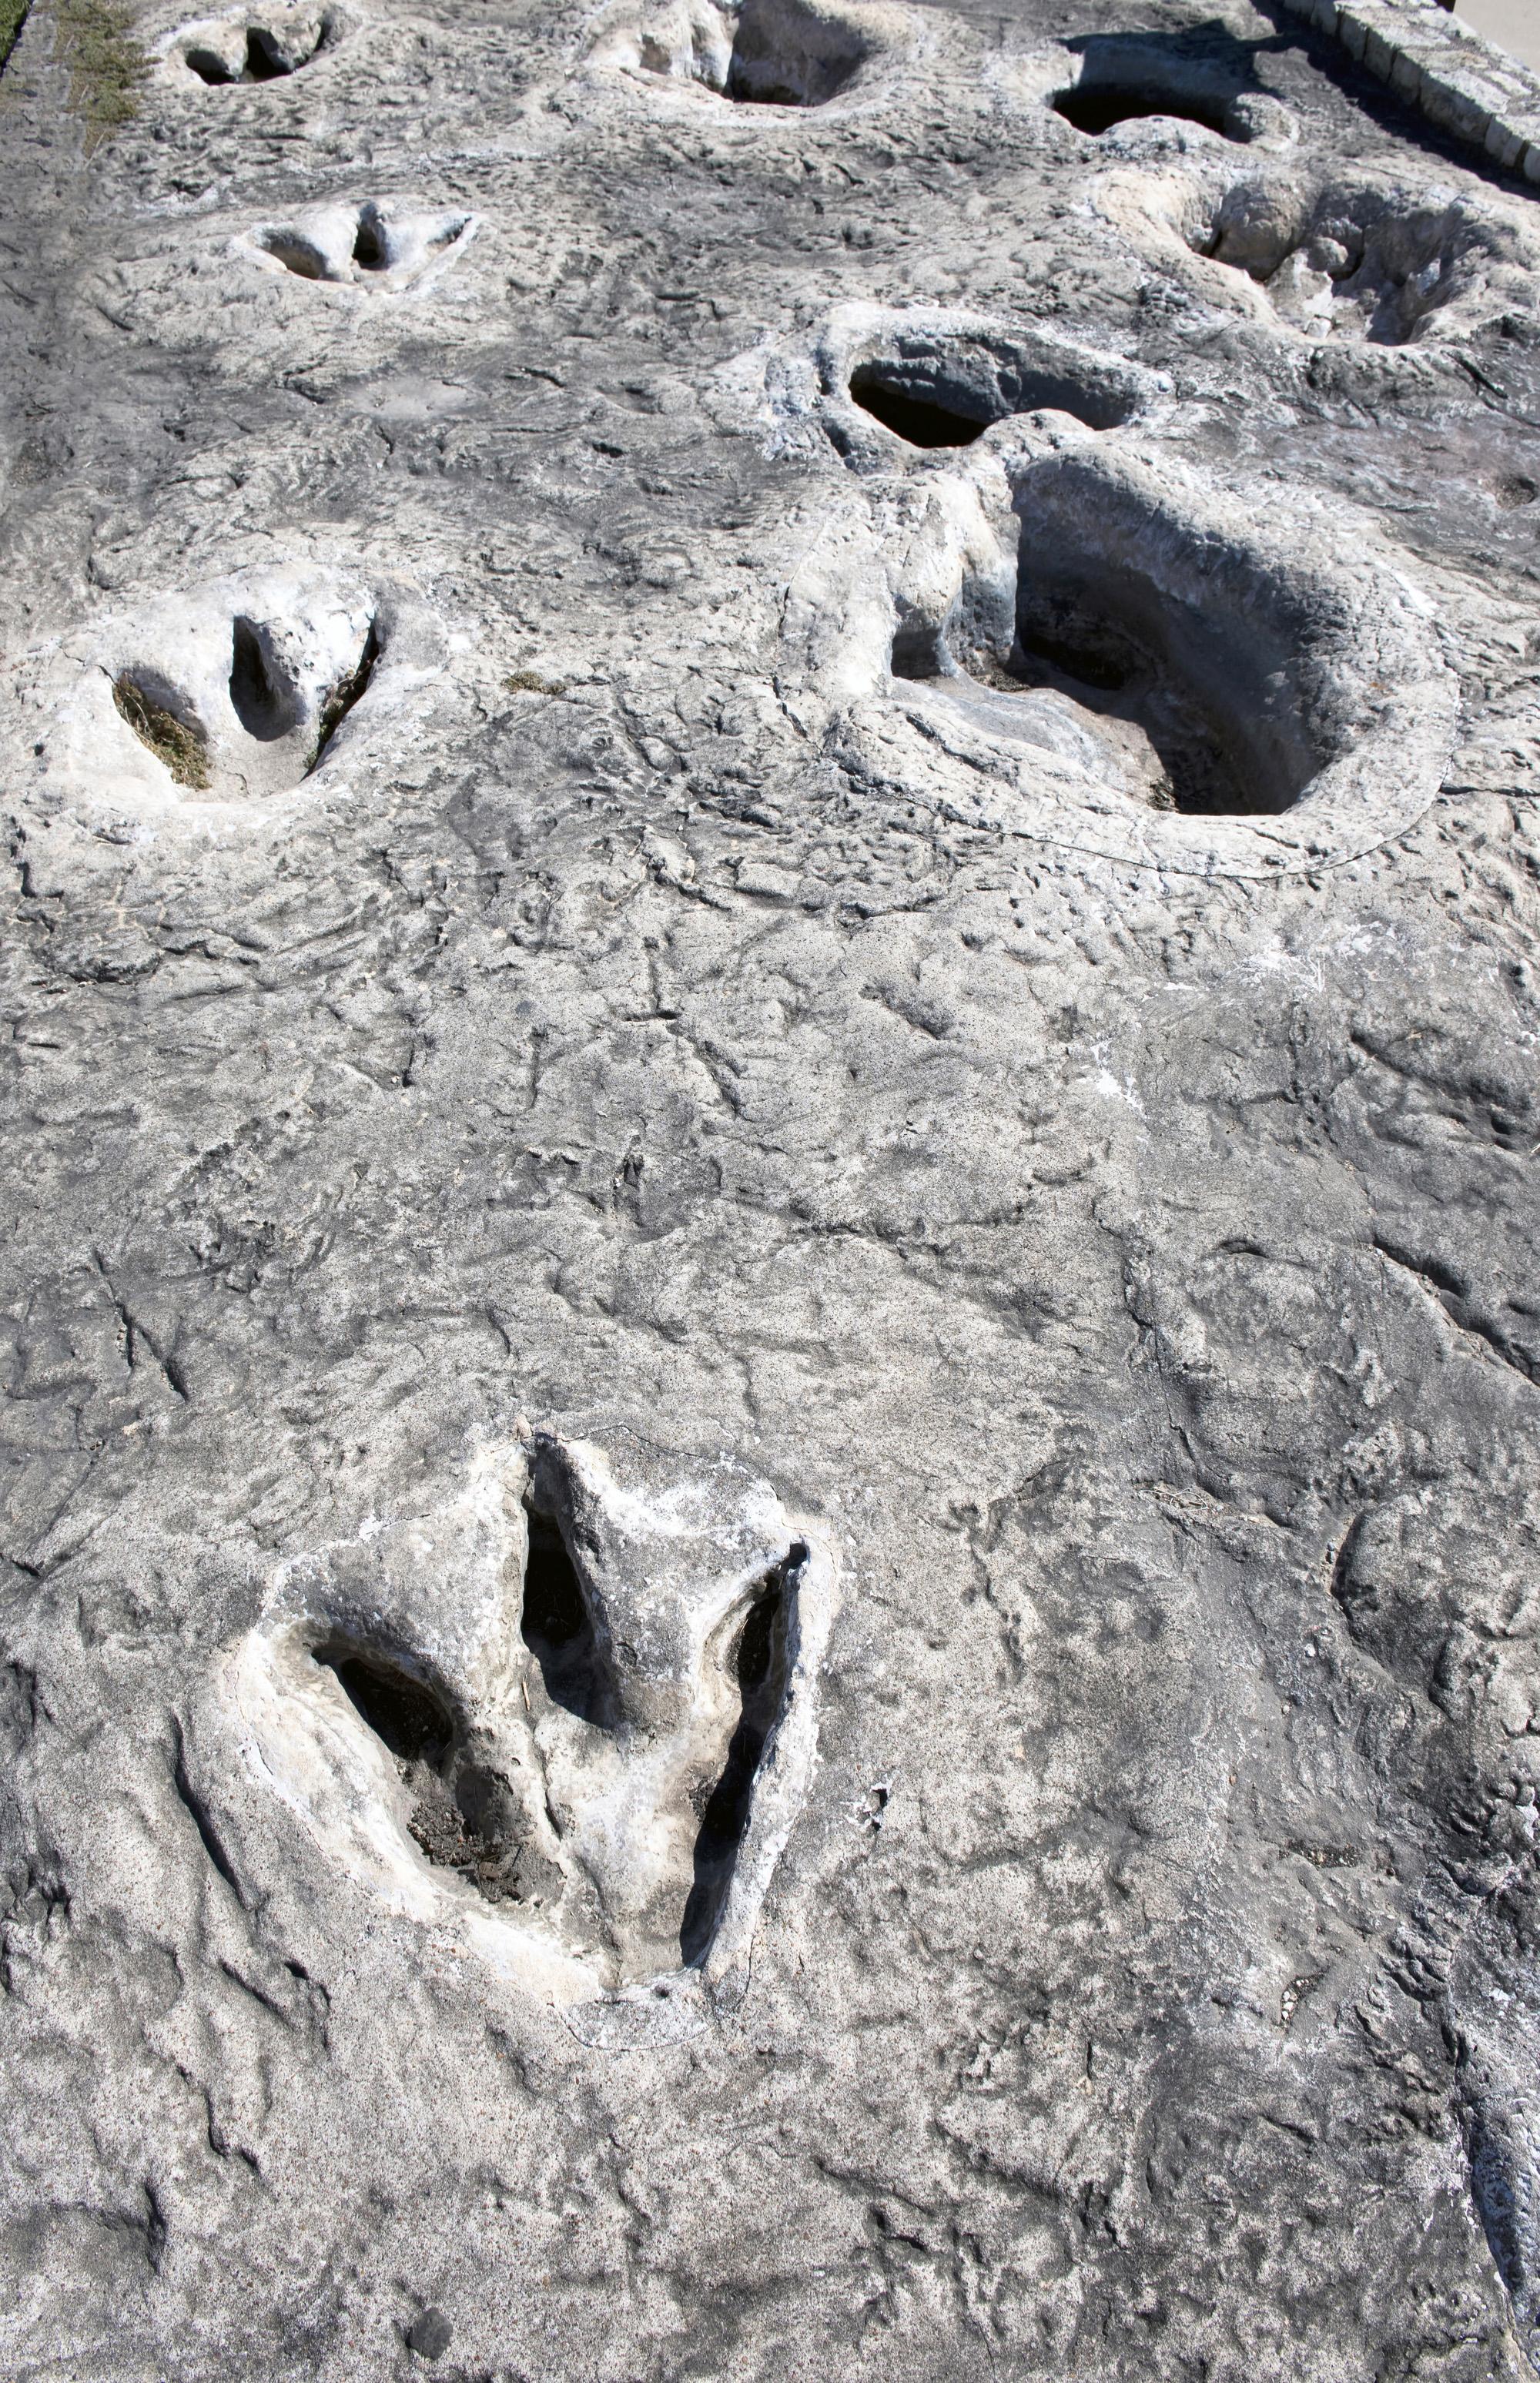 Dinosaur Valley-72 ppi